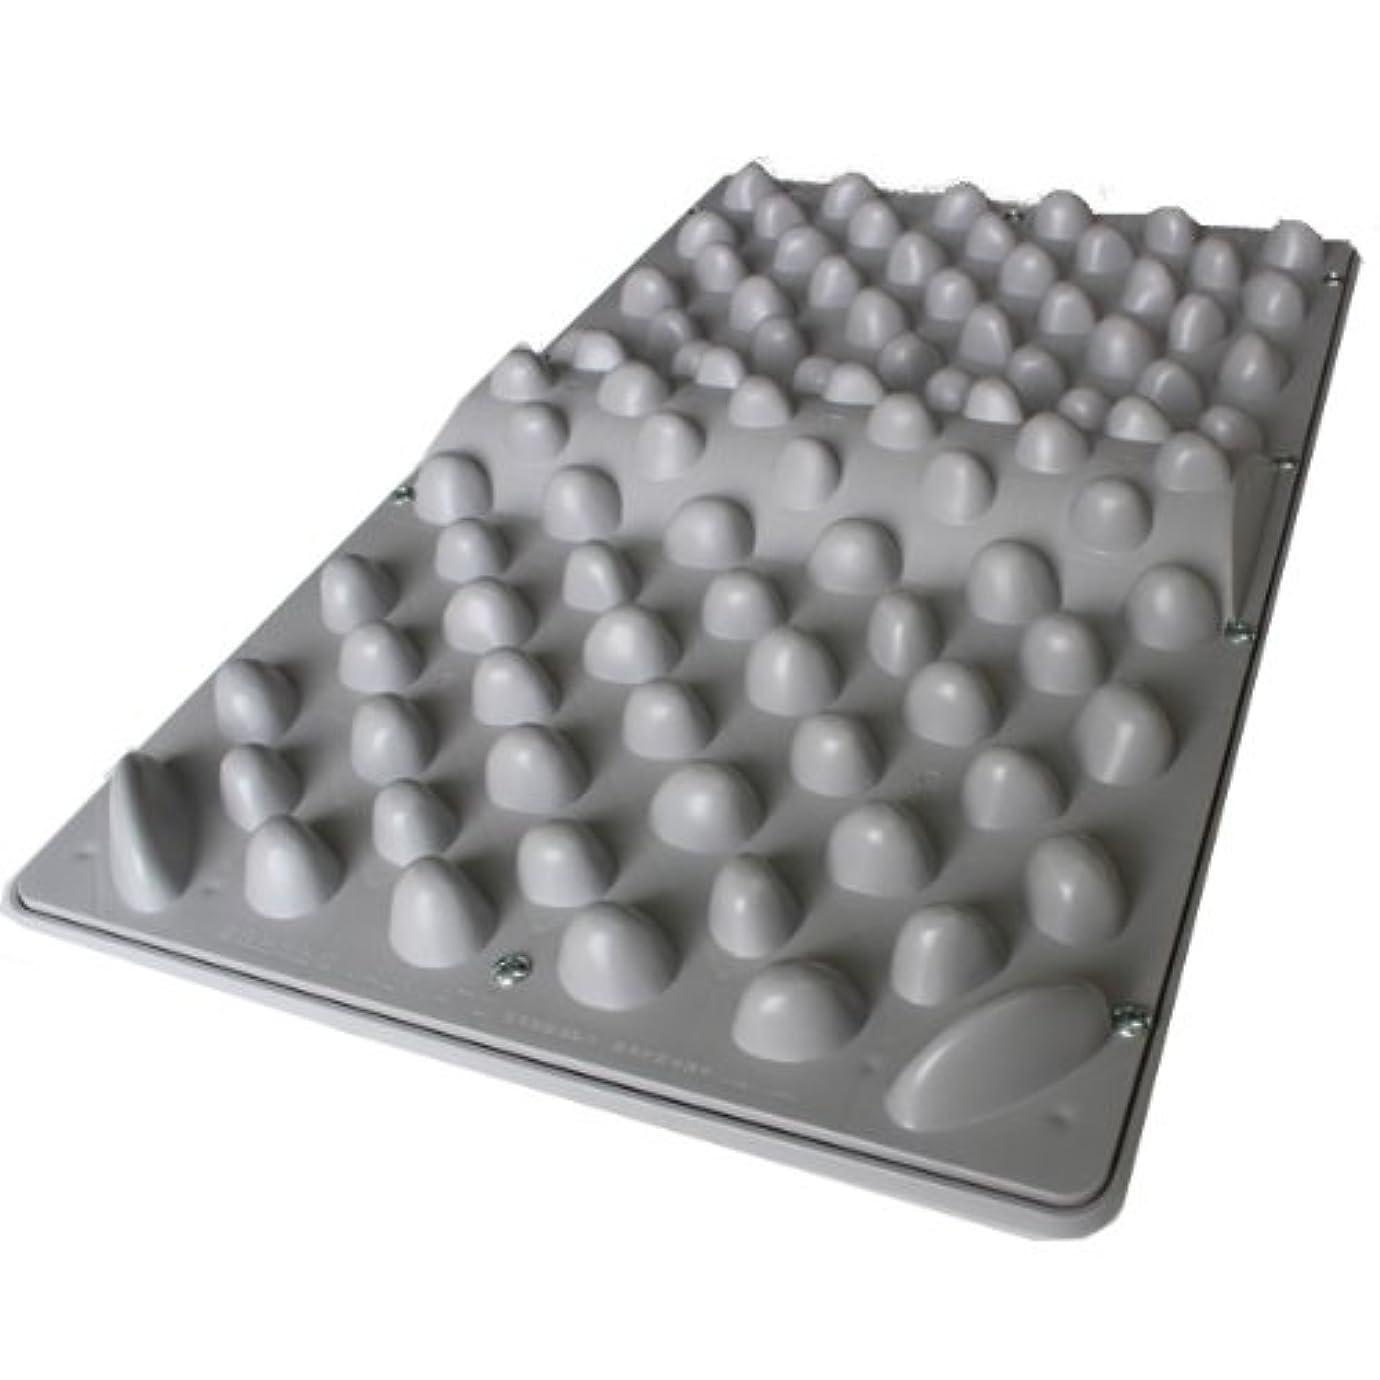 外国人保険をかけるエトナ山官足法 ウォークマットⅡ 裏板セット(ABS樹脂製補強板付き)